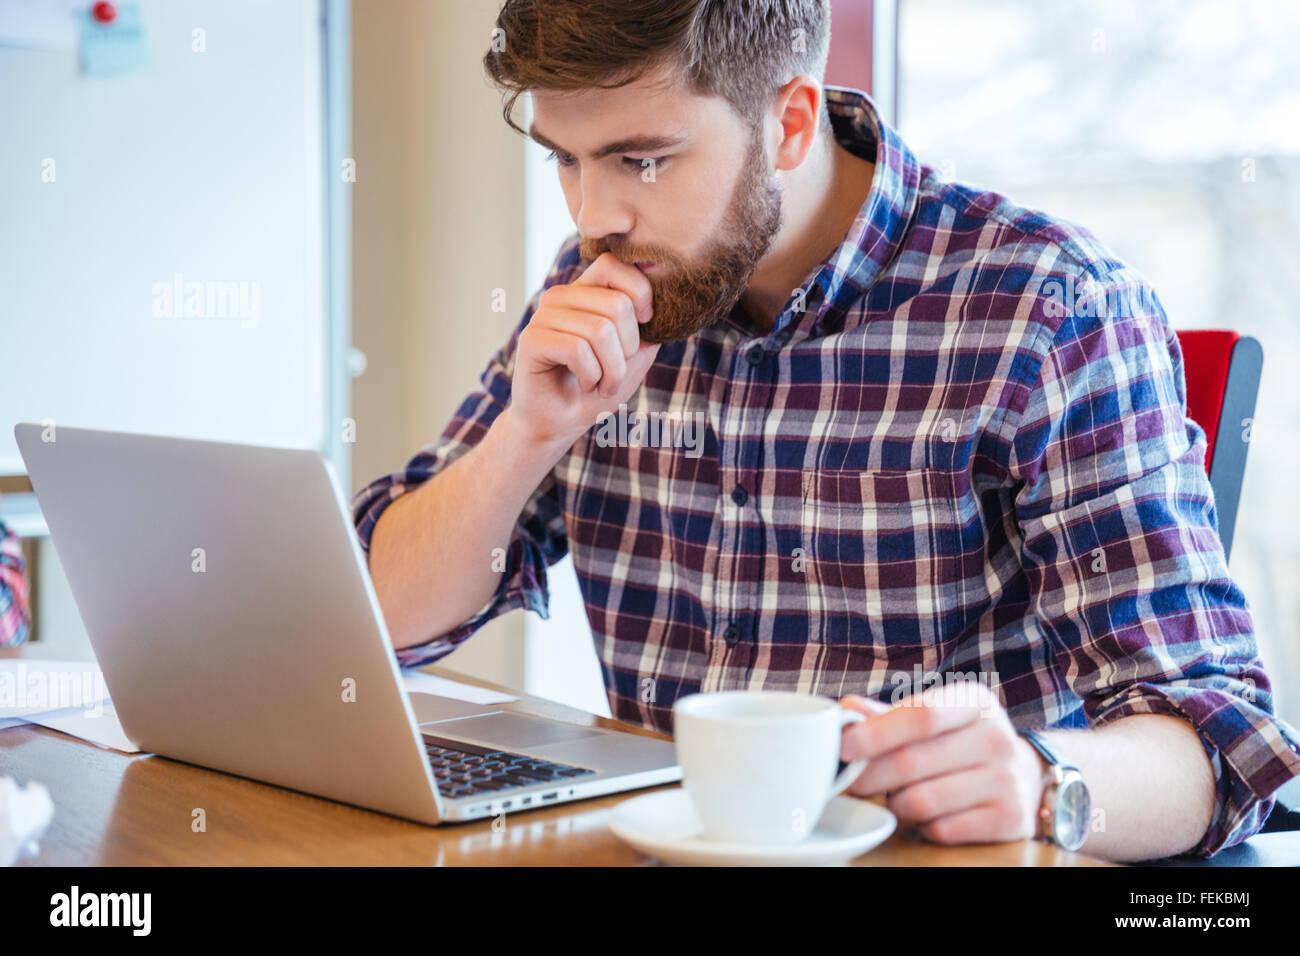 L'accent grave jeune homme barbu en chemise à carreaux assis à la table et à l'aide d'ordinateur Photo Stock